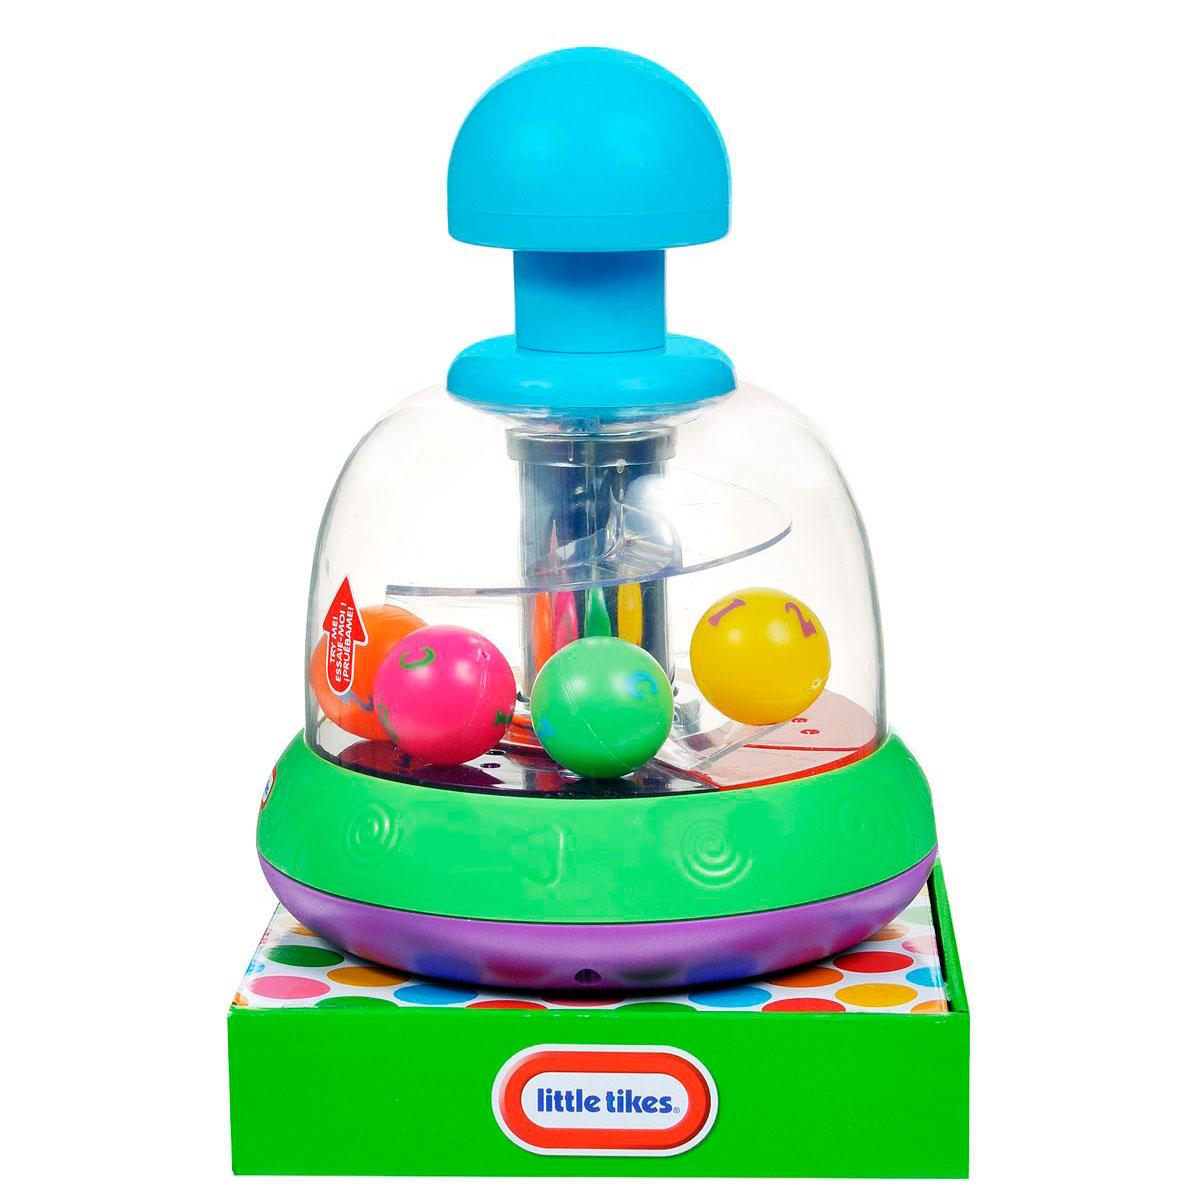 Игрушка развивающая Little Tikes Юла со звуковыми и световыми эффектами<br>